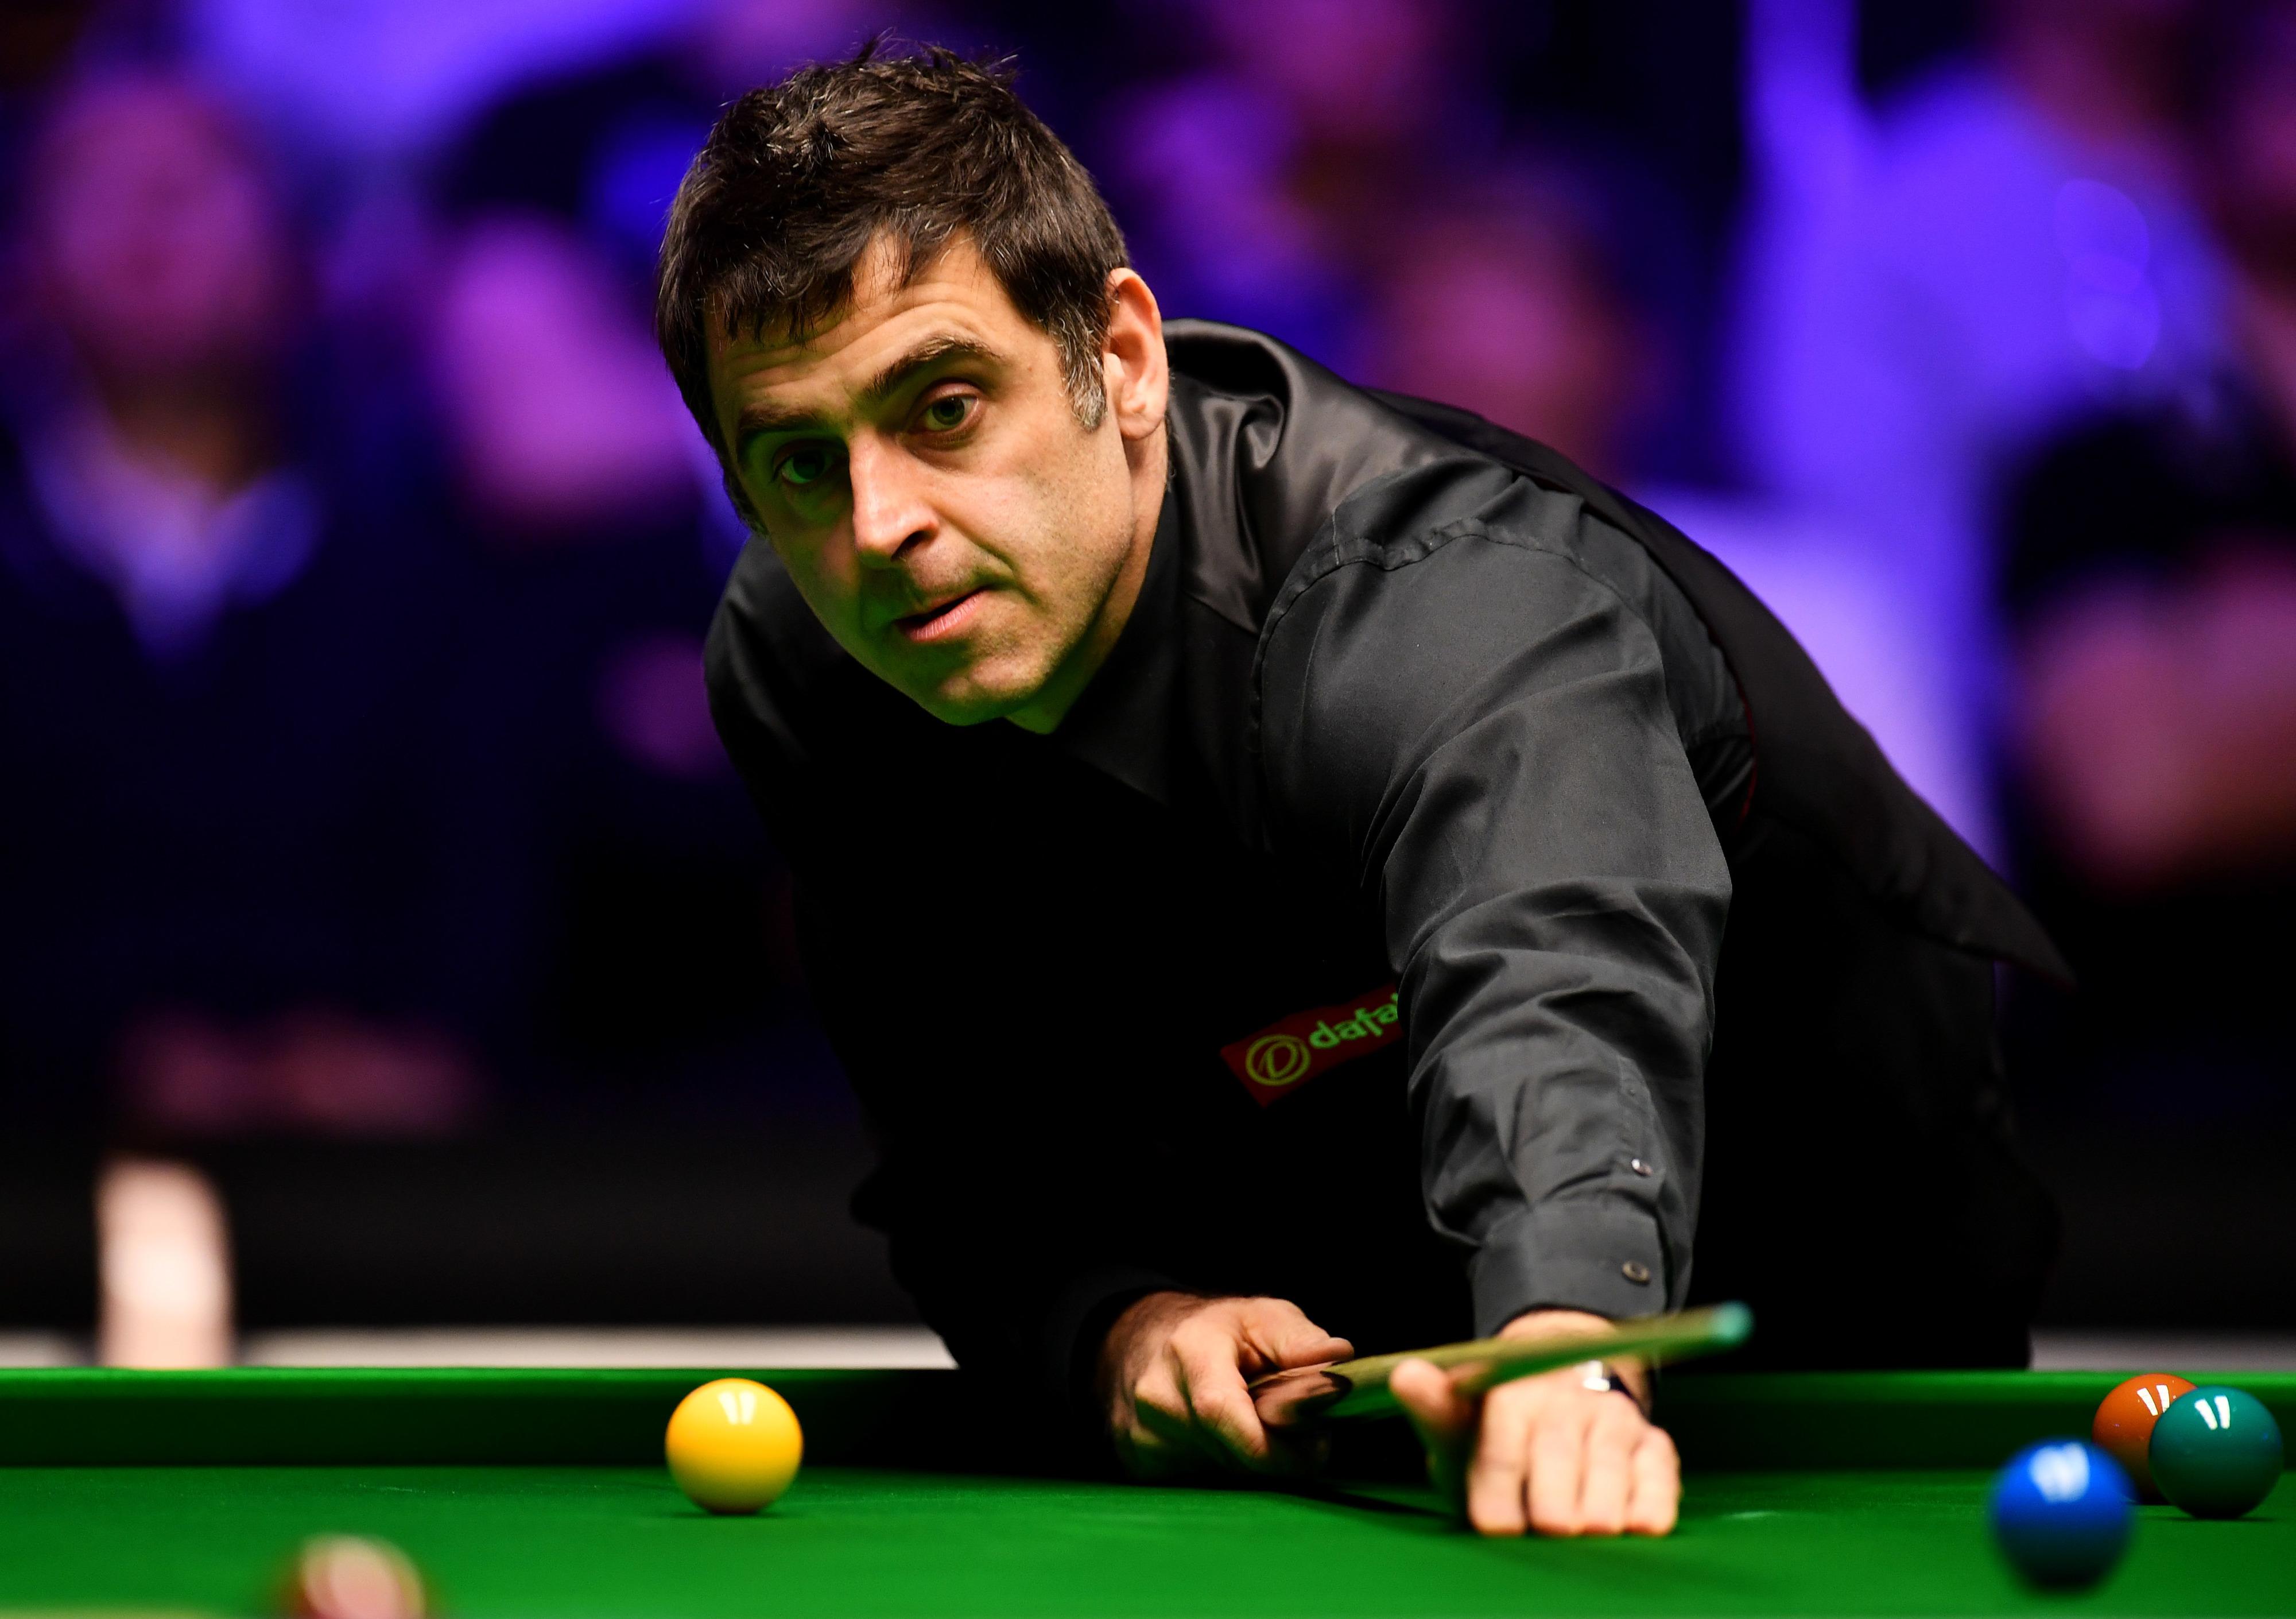 Campeonato do Mundo de Snooker: Crucible, o Teatro dos Sonhos, à espera da história